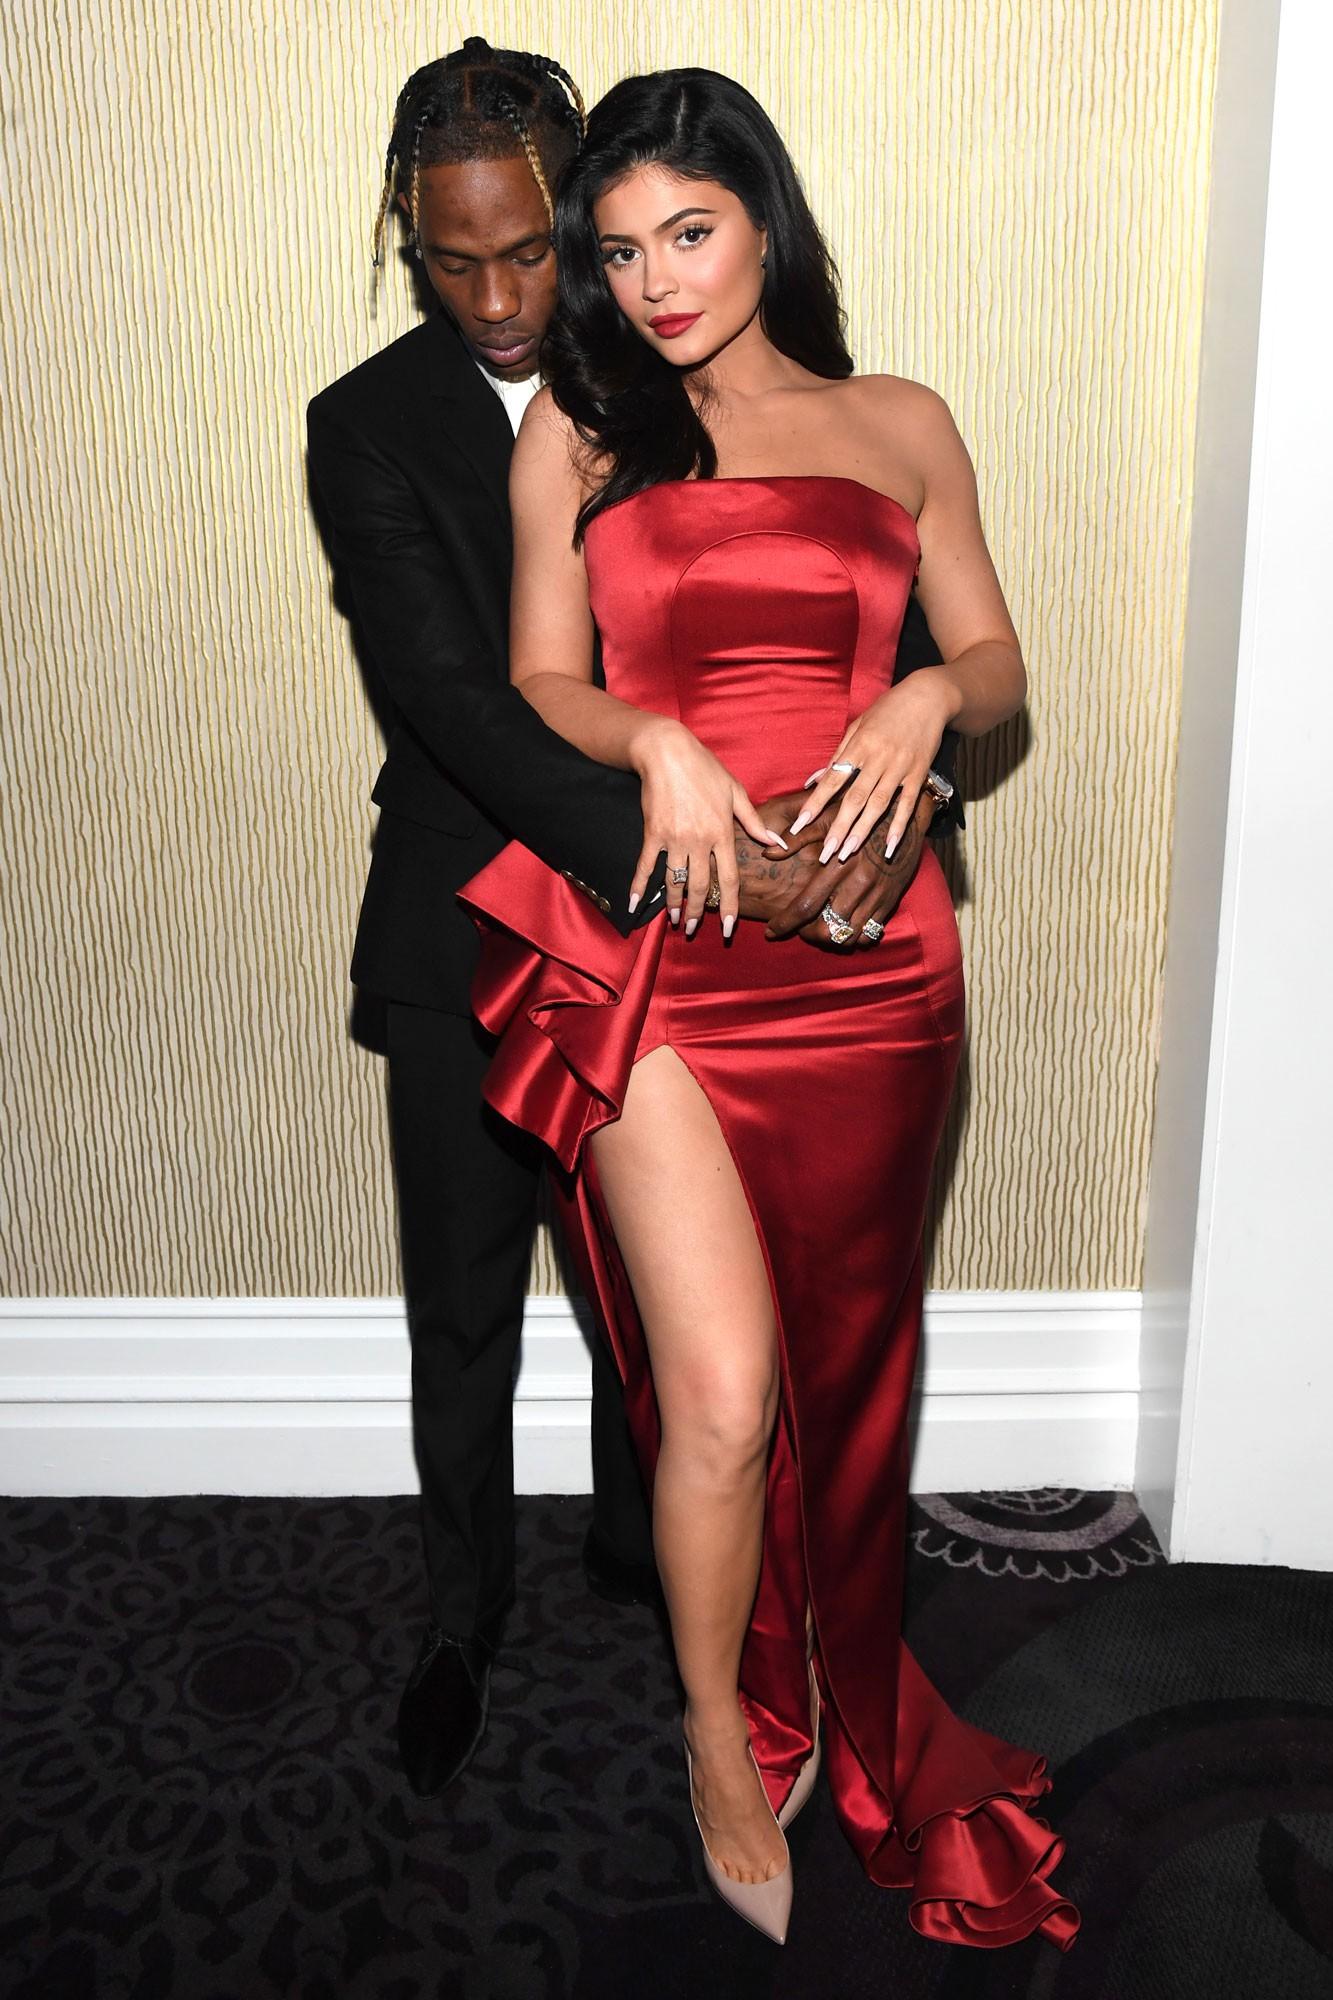 Dính tin đồn ngoại tình, Travis Scott công khai dùng cách đặc biệt này để thể hiện tình yêu với bạn gái Kylie Jenner - Ảnh 3.